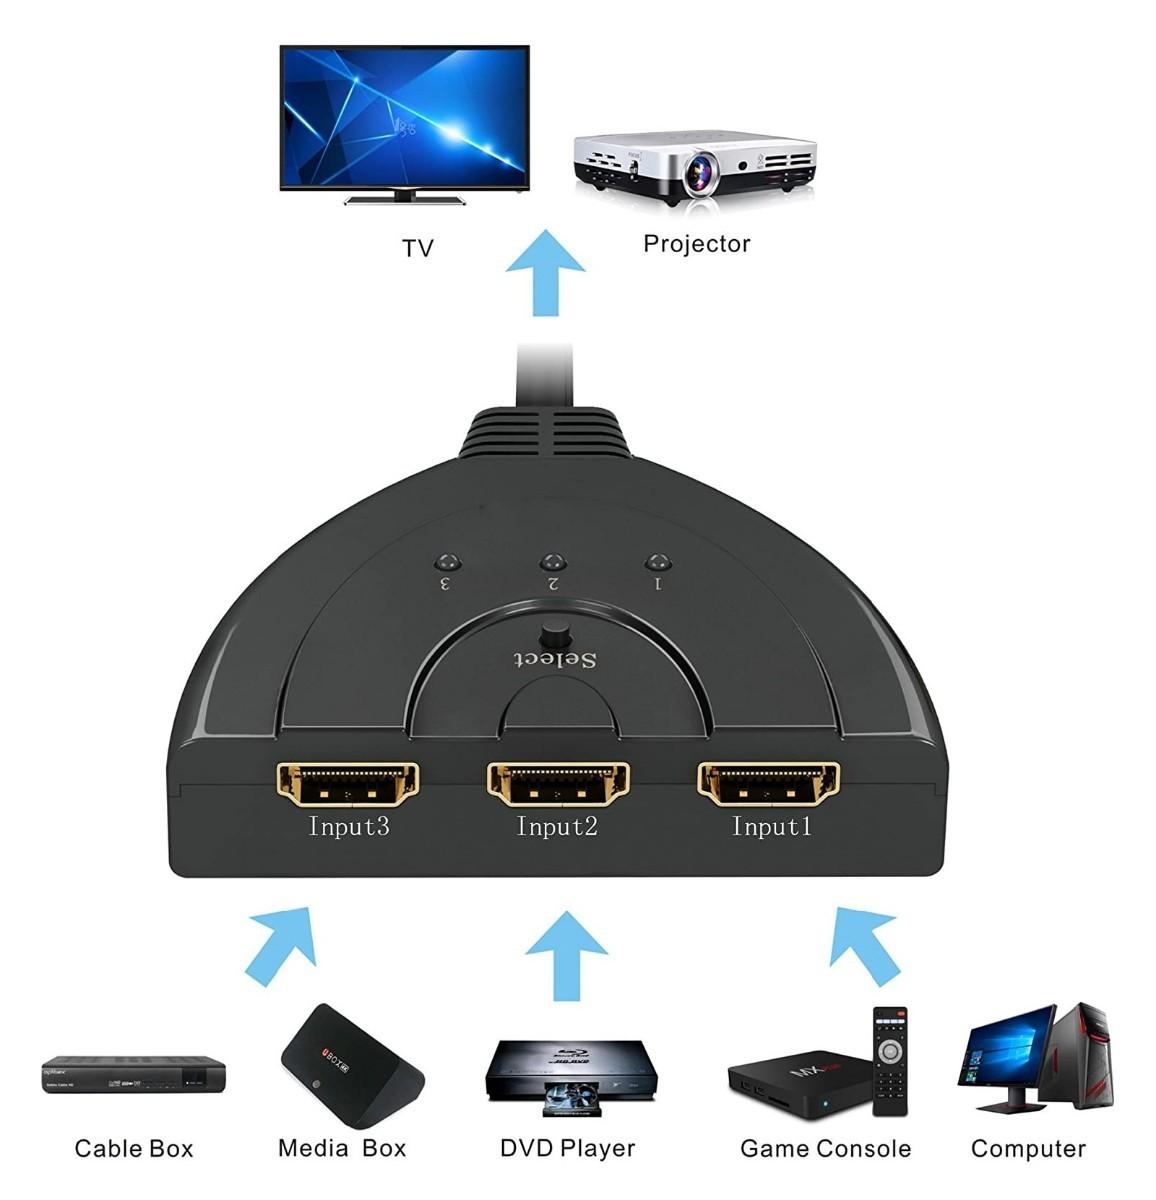 新品 HDMI切替器  HDMI分配器 /セレクター 3入力1出力